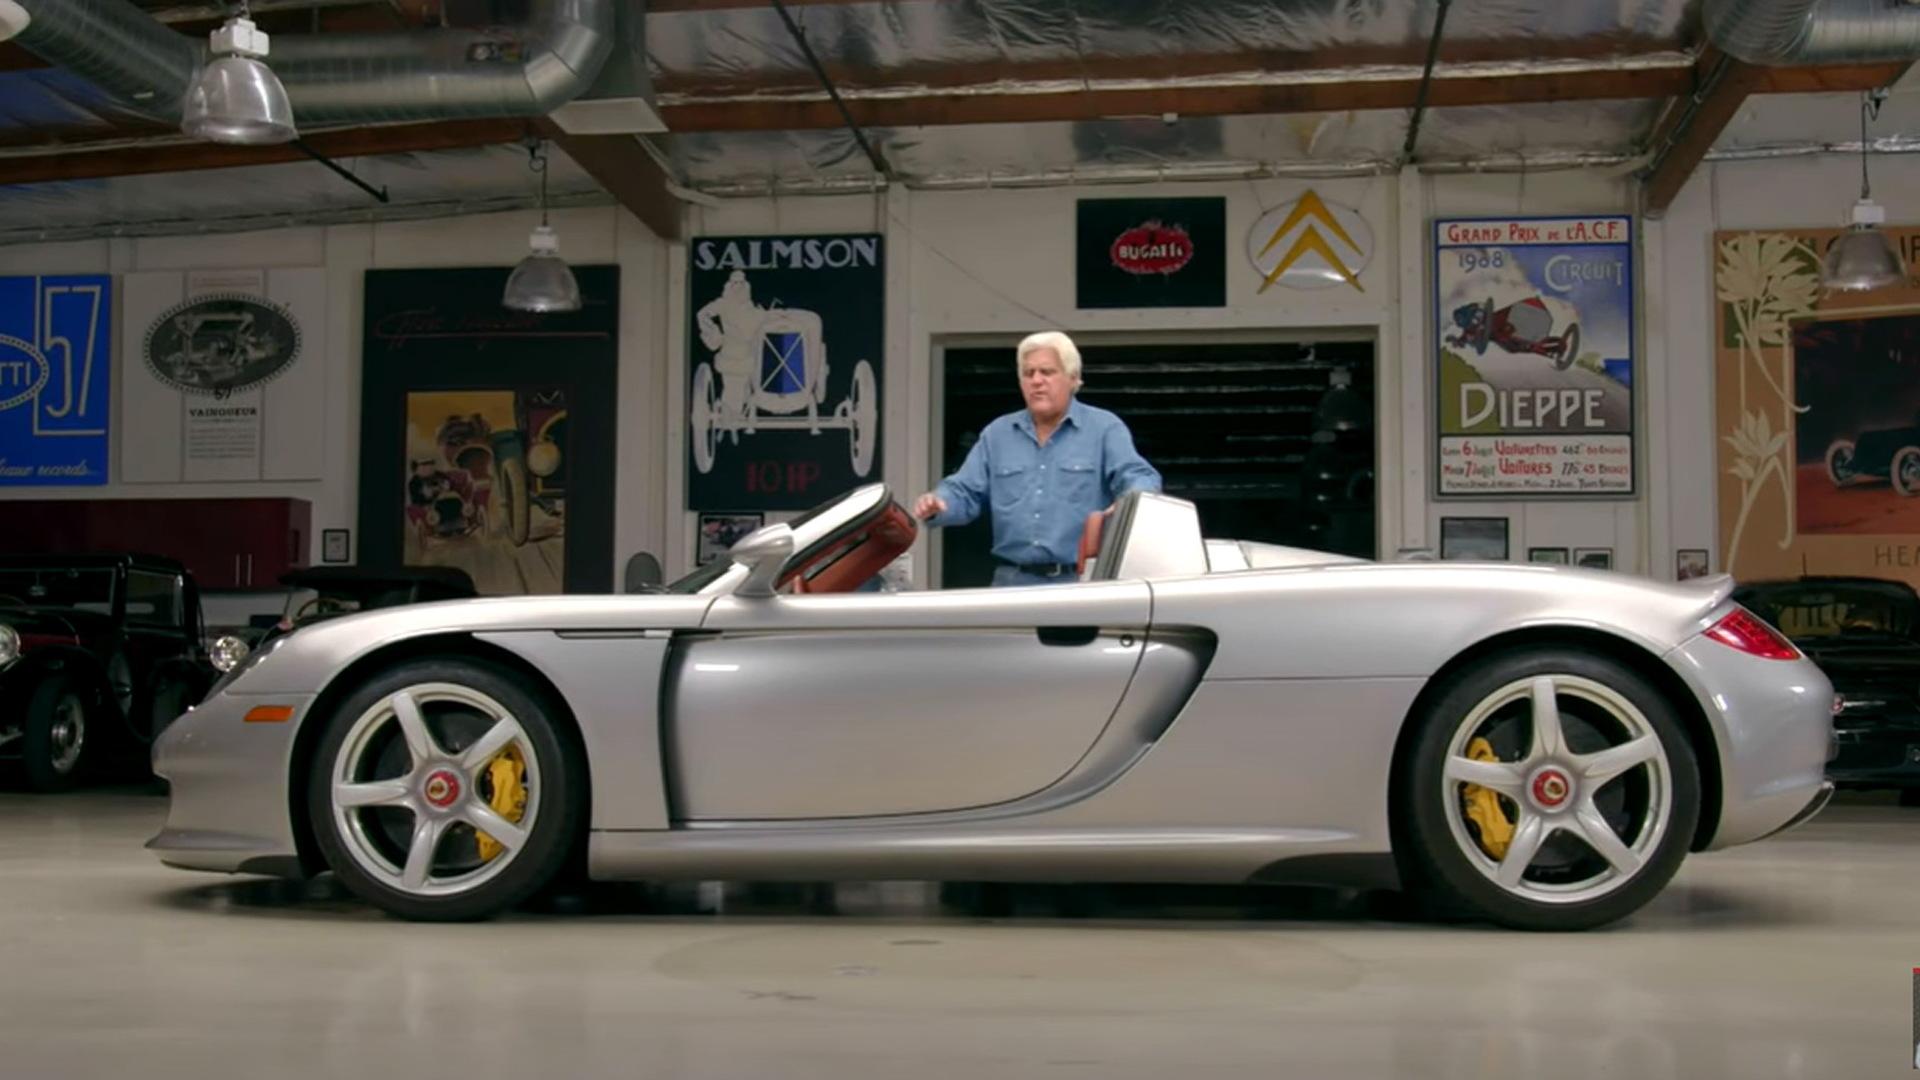 Jay Leno and his 2004 Porsche Carrera GT